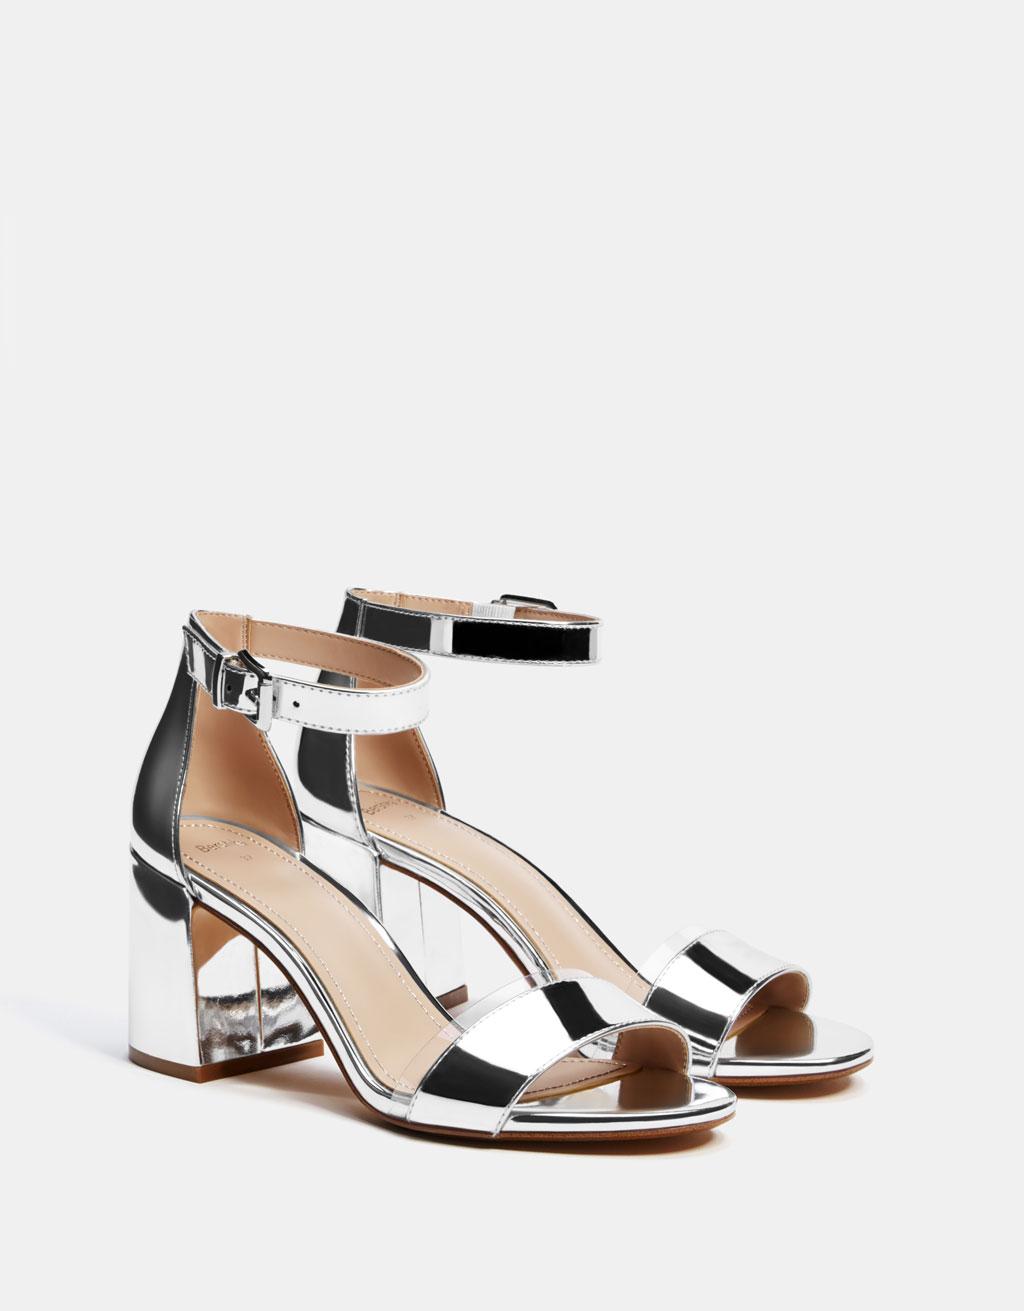 Metallicl high-heel sandals with vinyl detail